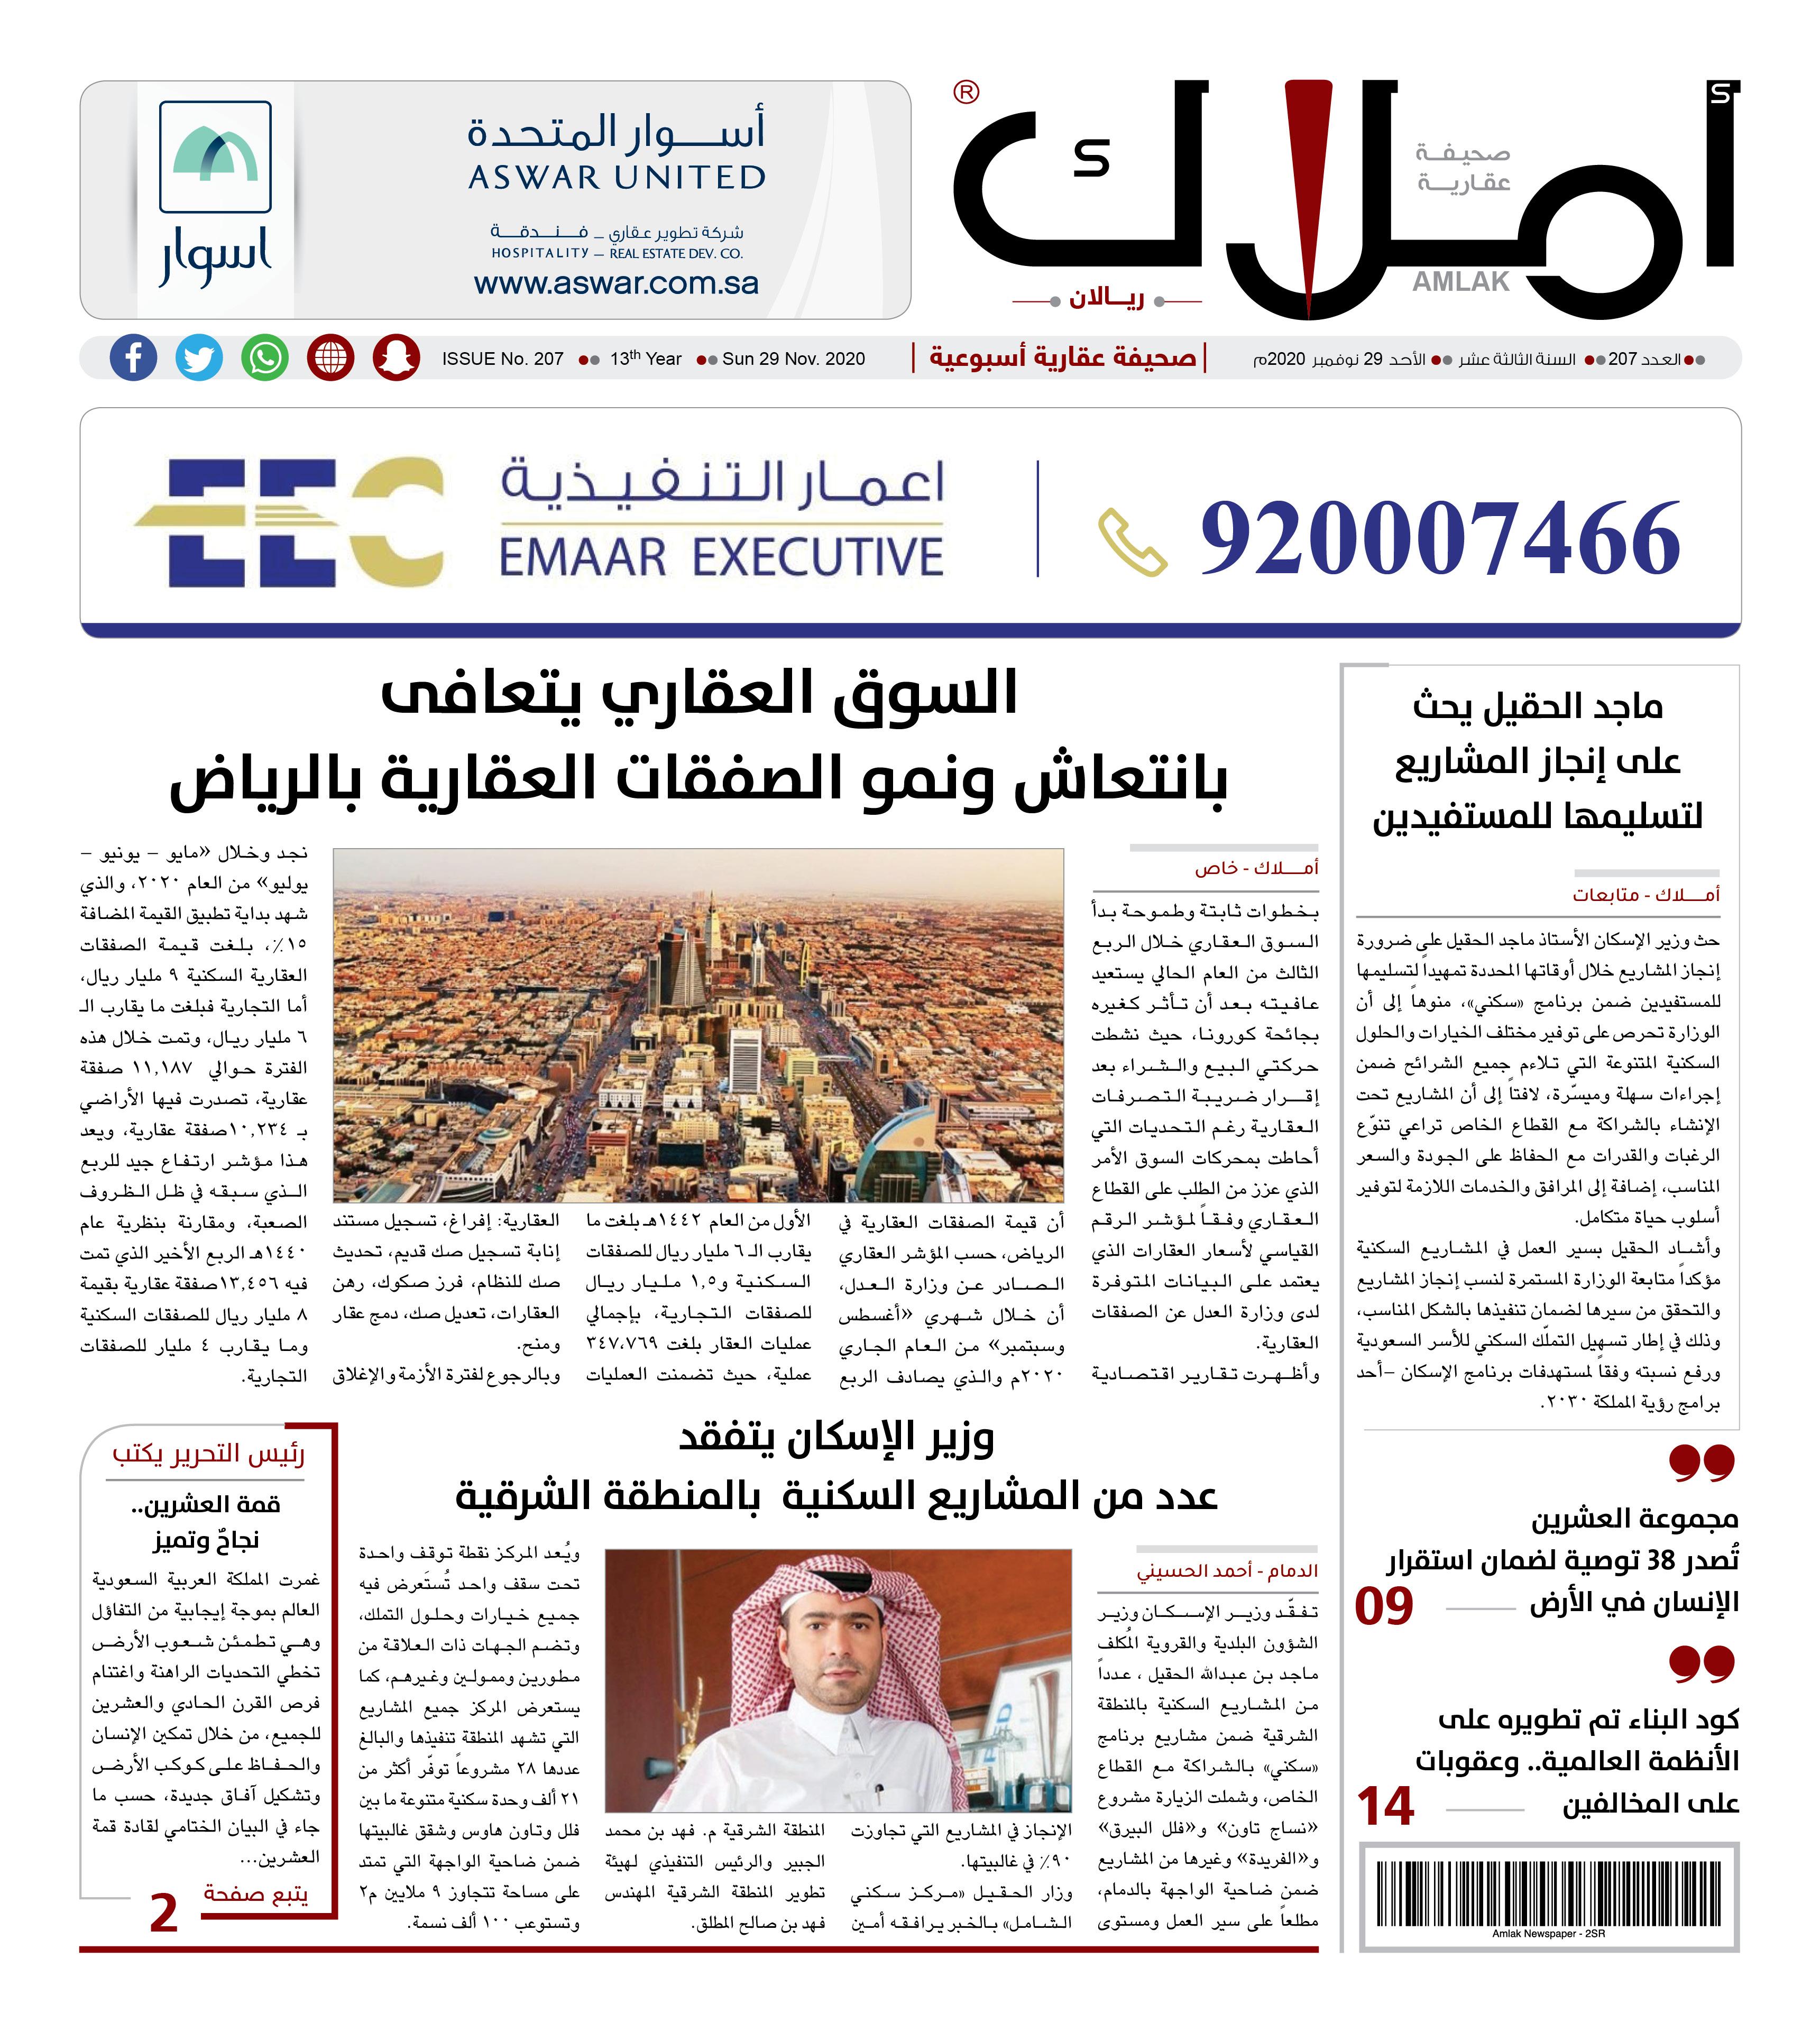 amlak 207 - أخبار العقار